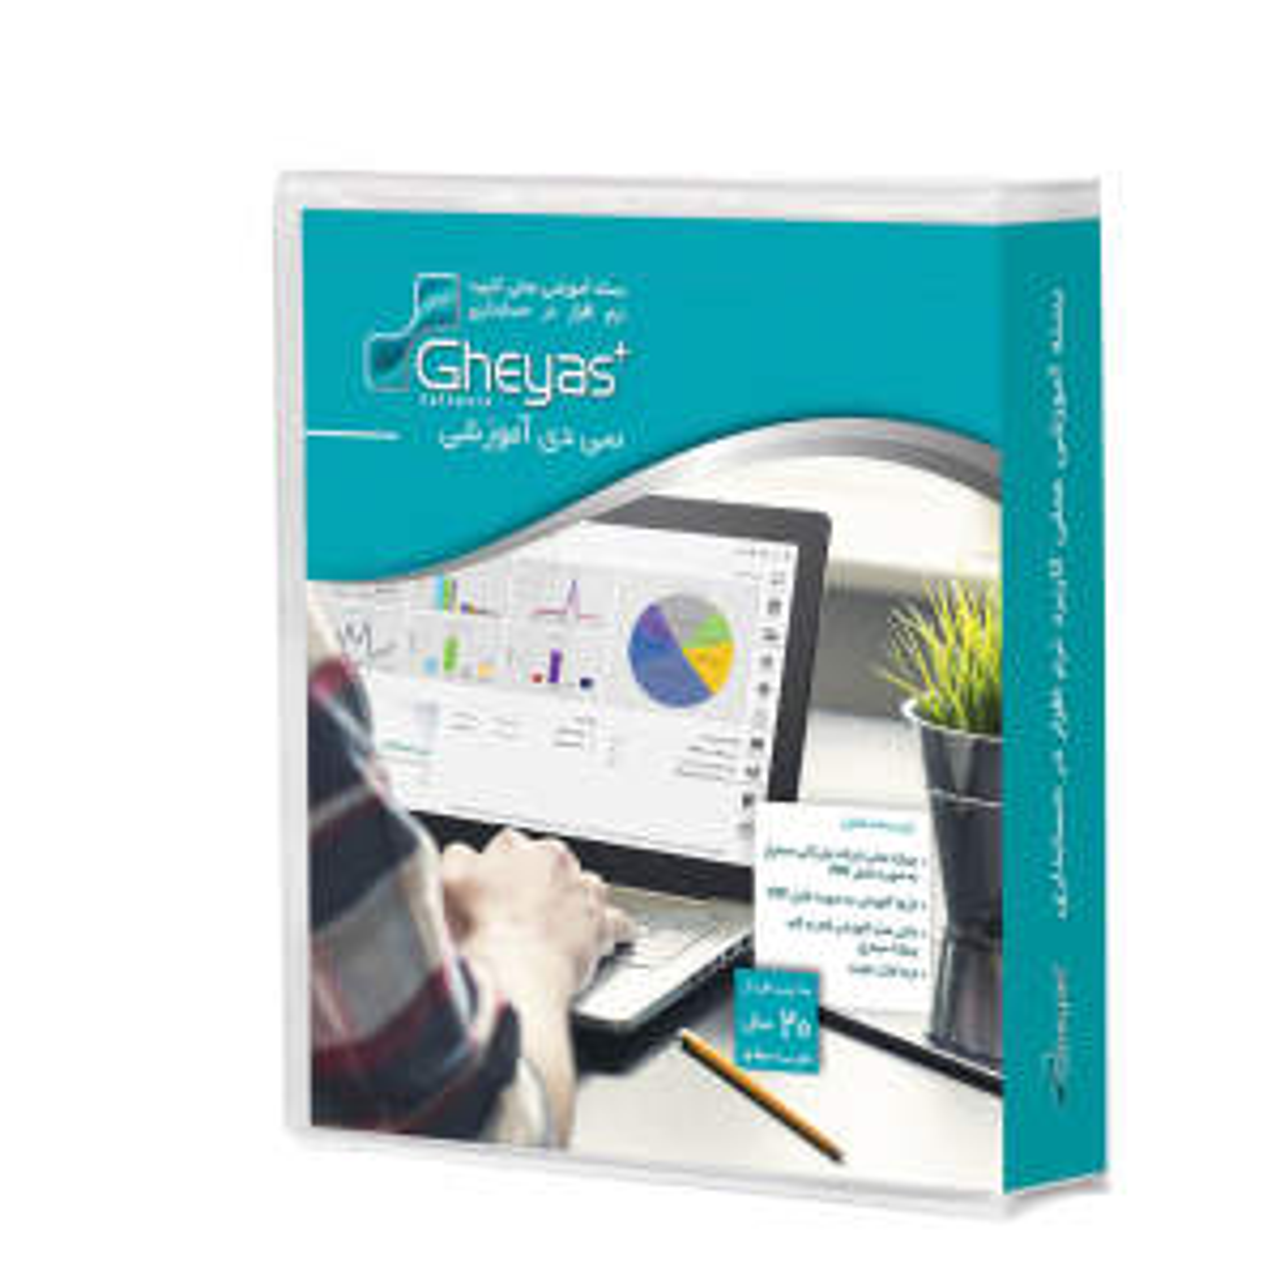 نرم افزار حسابداری قیاس پلاس نسخه آموزشی نشر قیاس